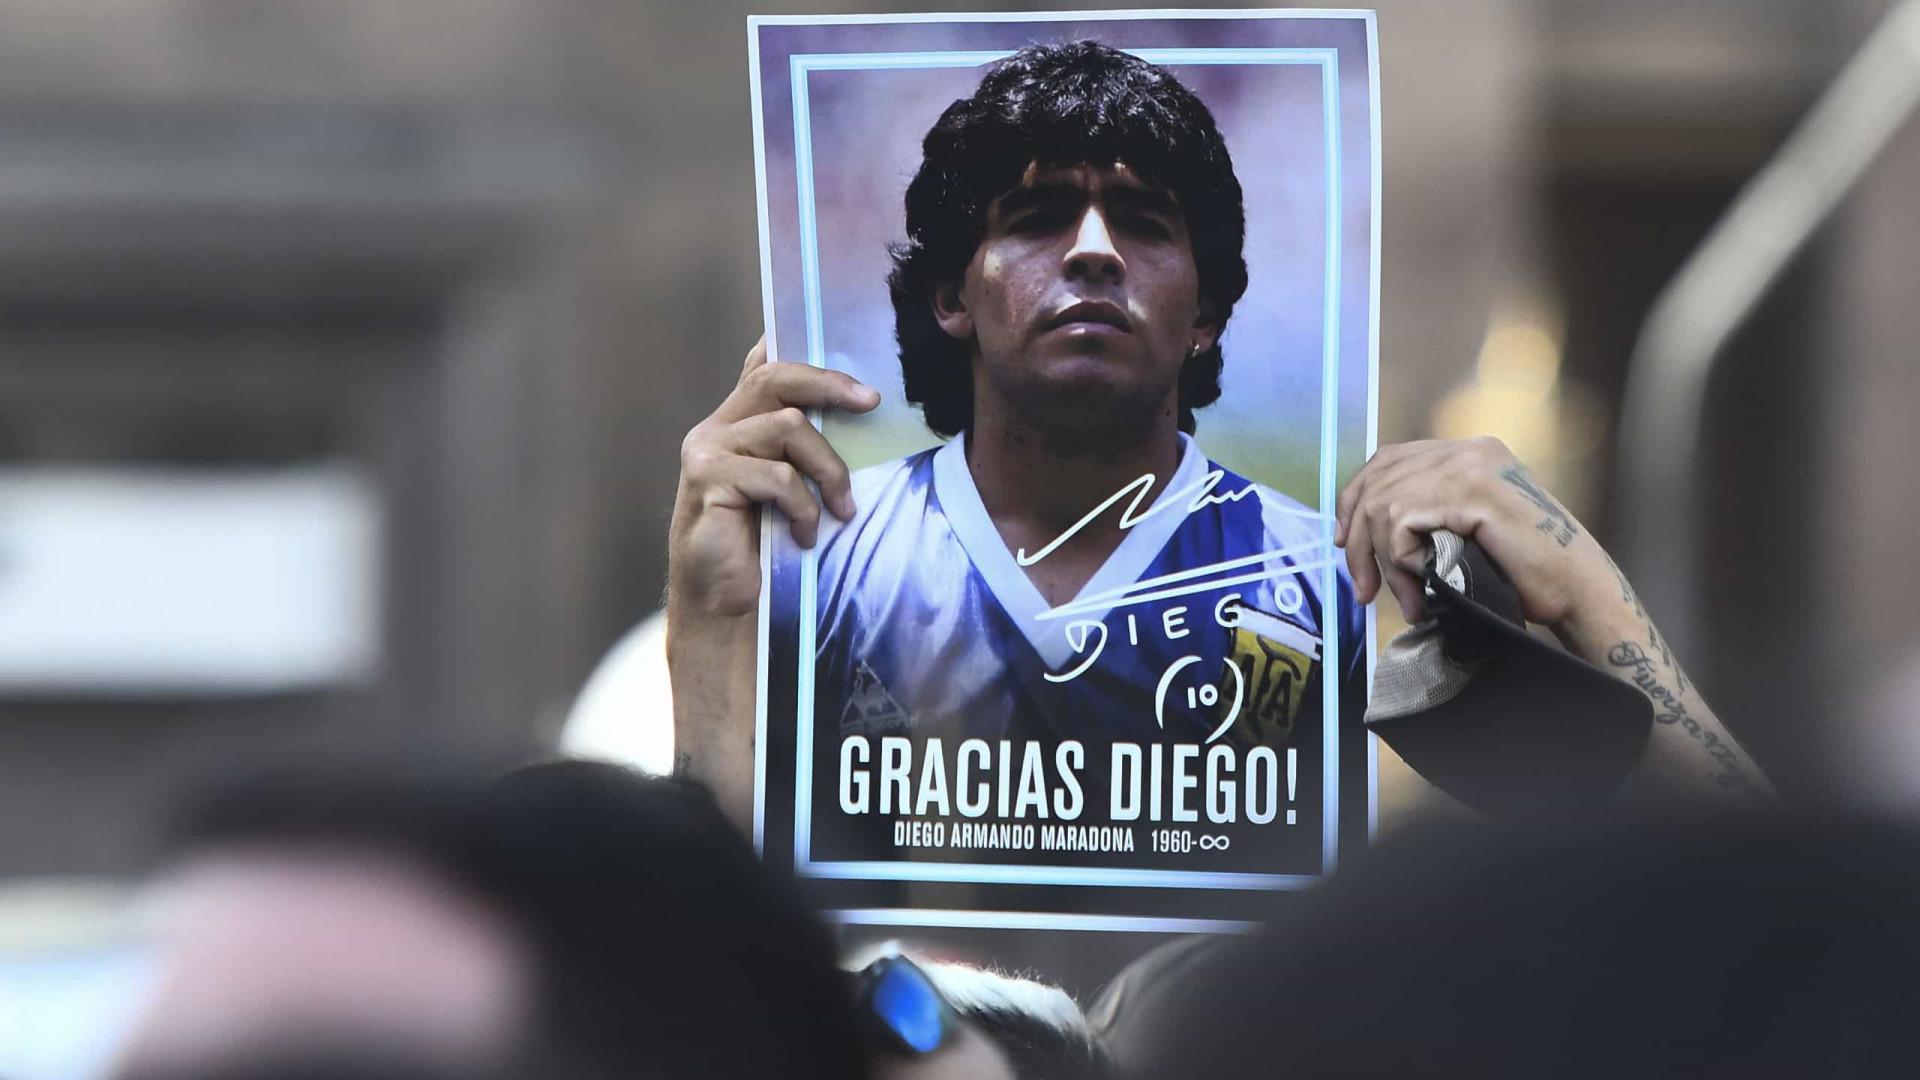 Jogadora se recusa a homenagear Maradona em minuto de silêncio e é ameaçada